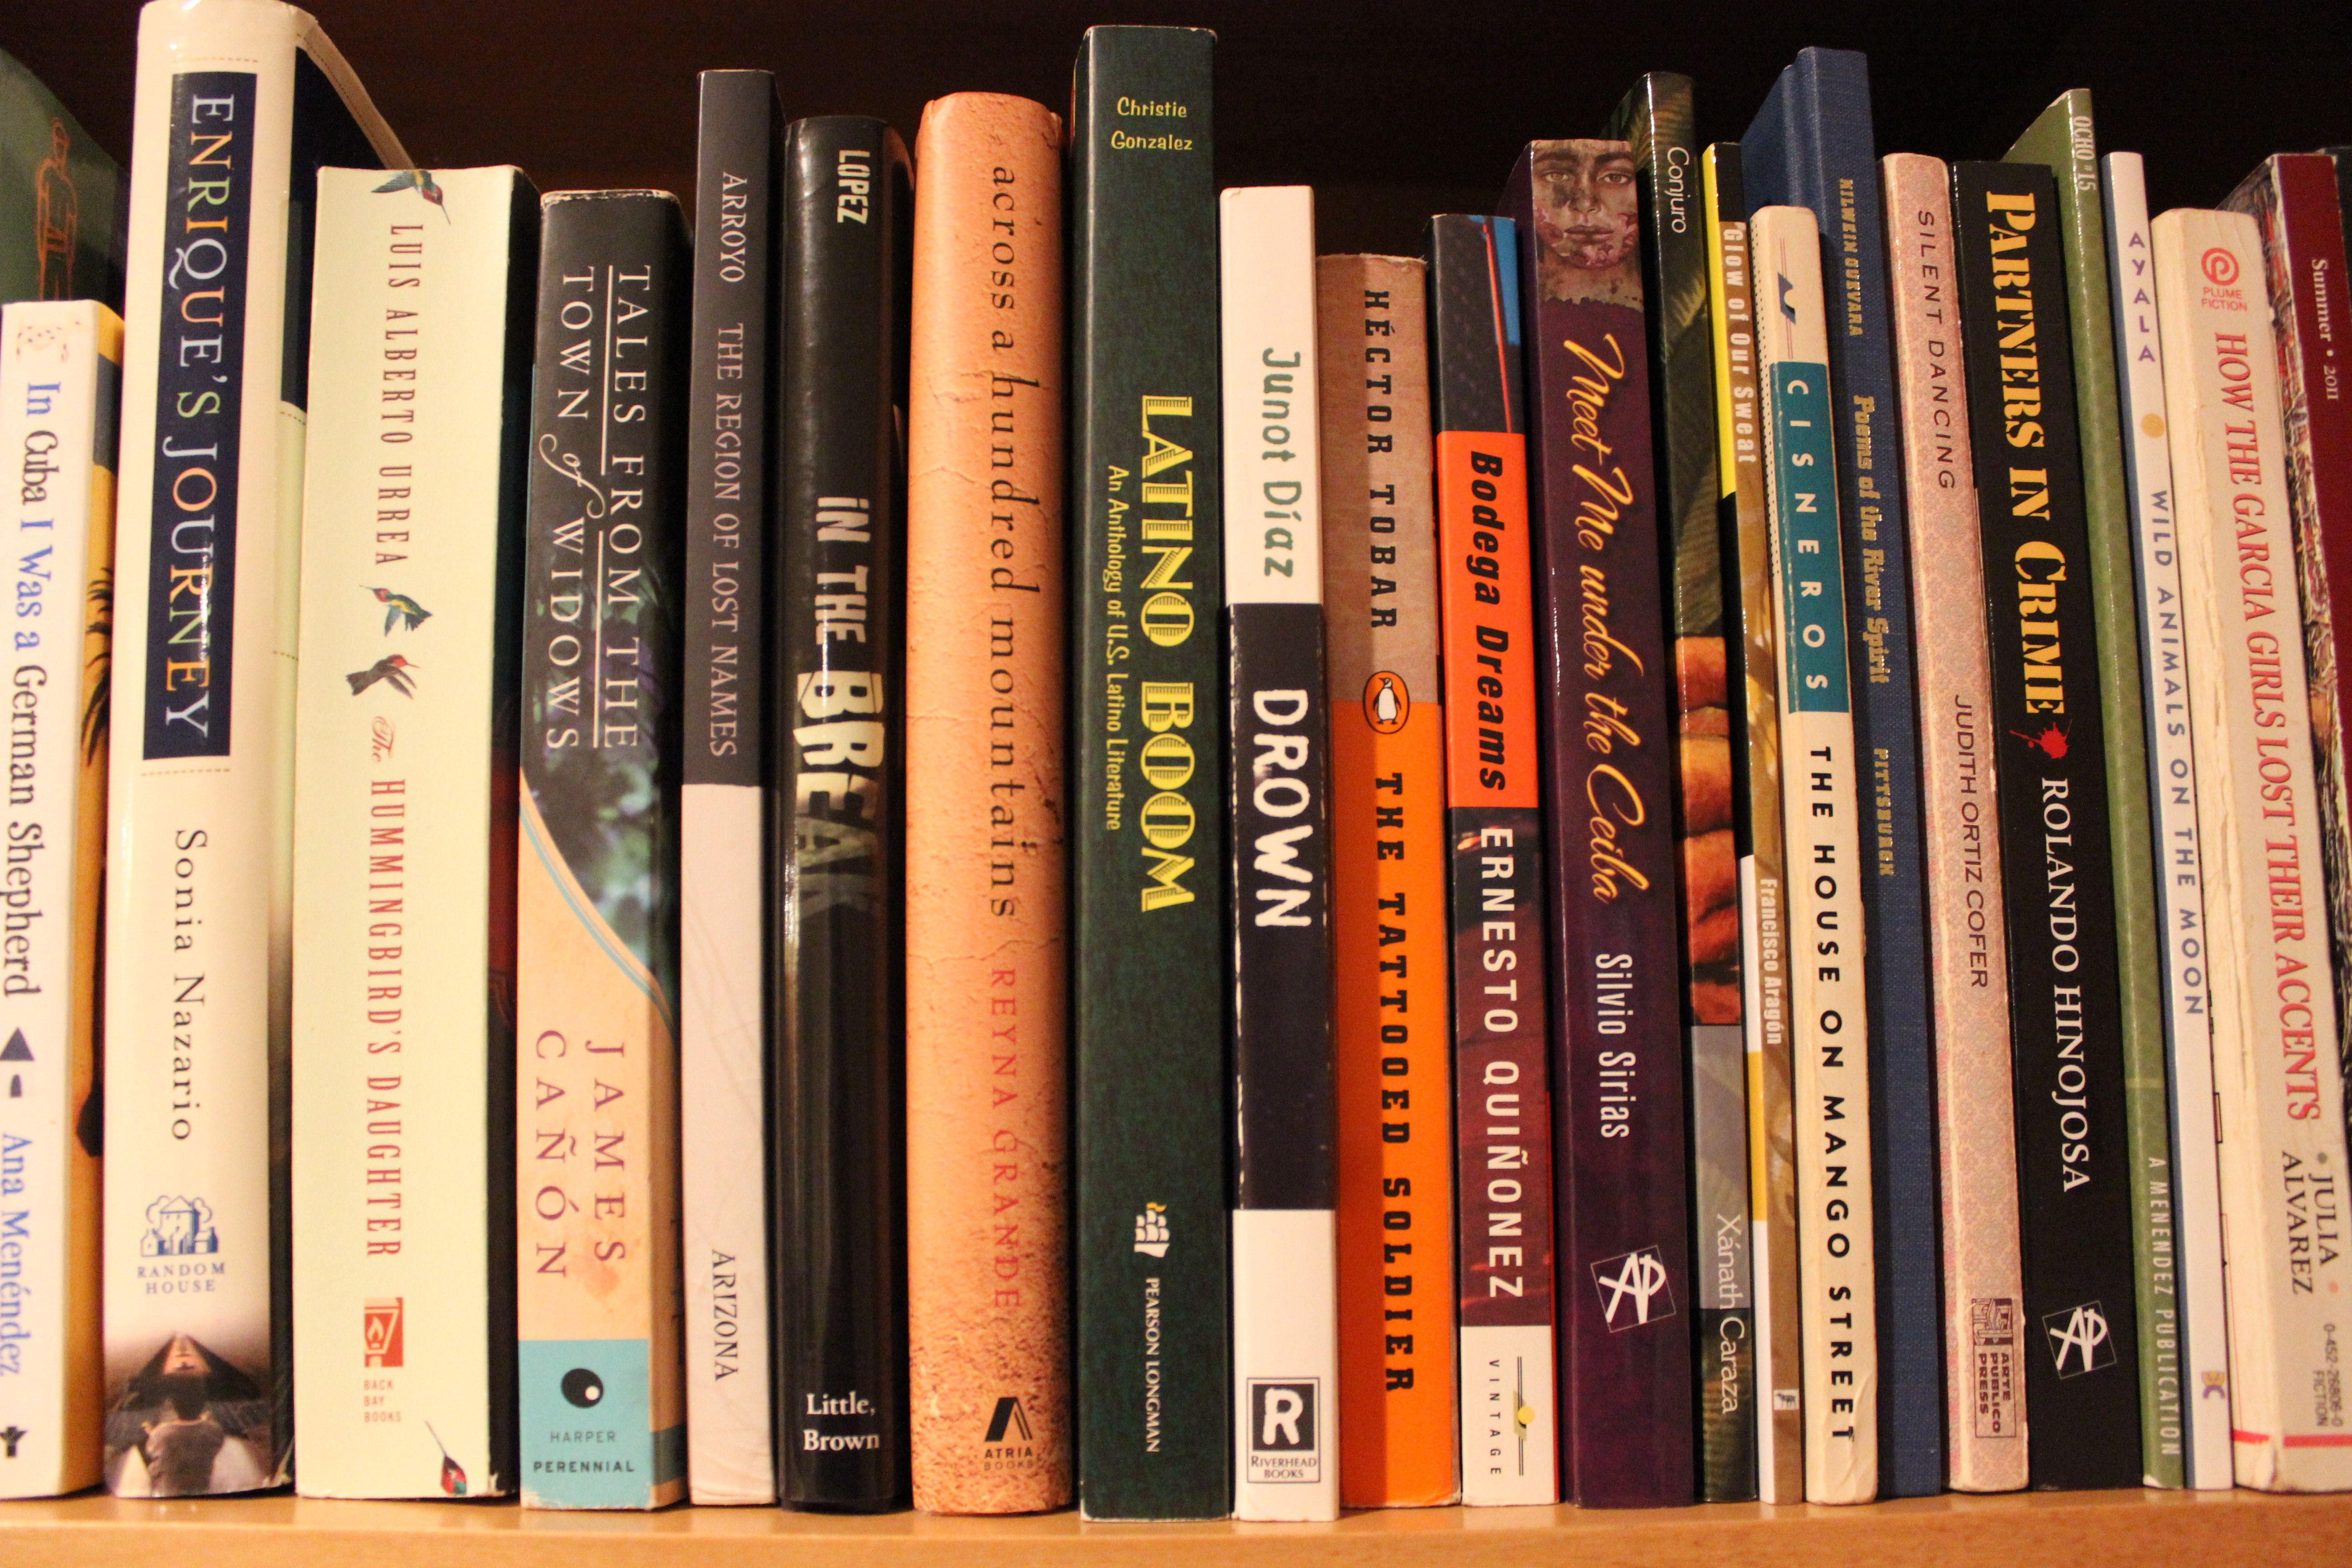 Latino Stories: Latino Literature, Latino Film, Latino Authors, and